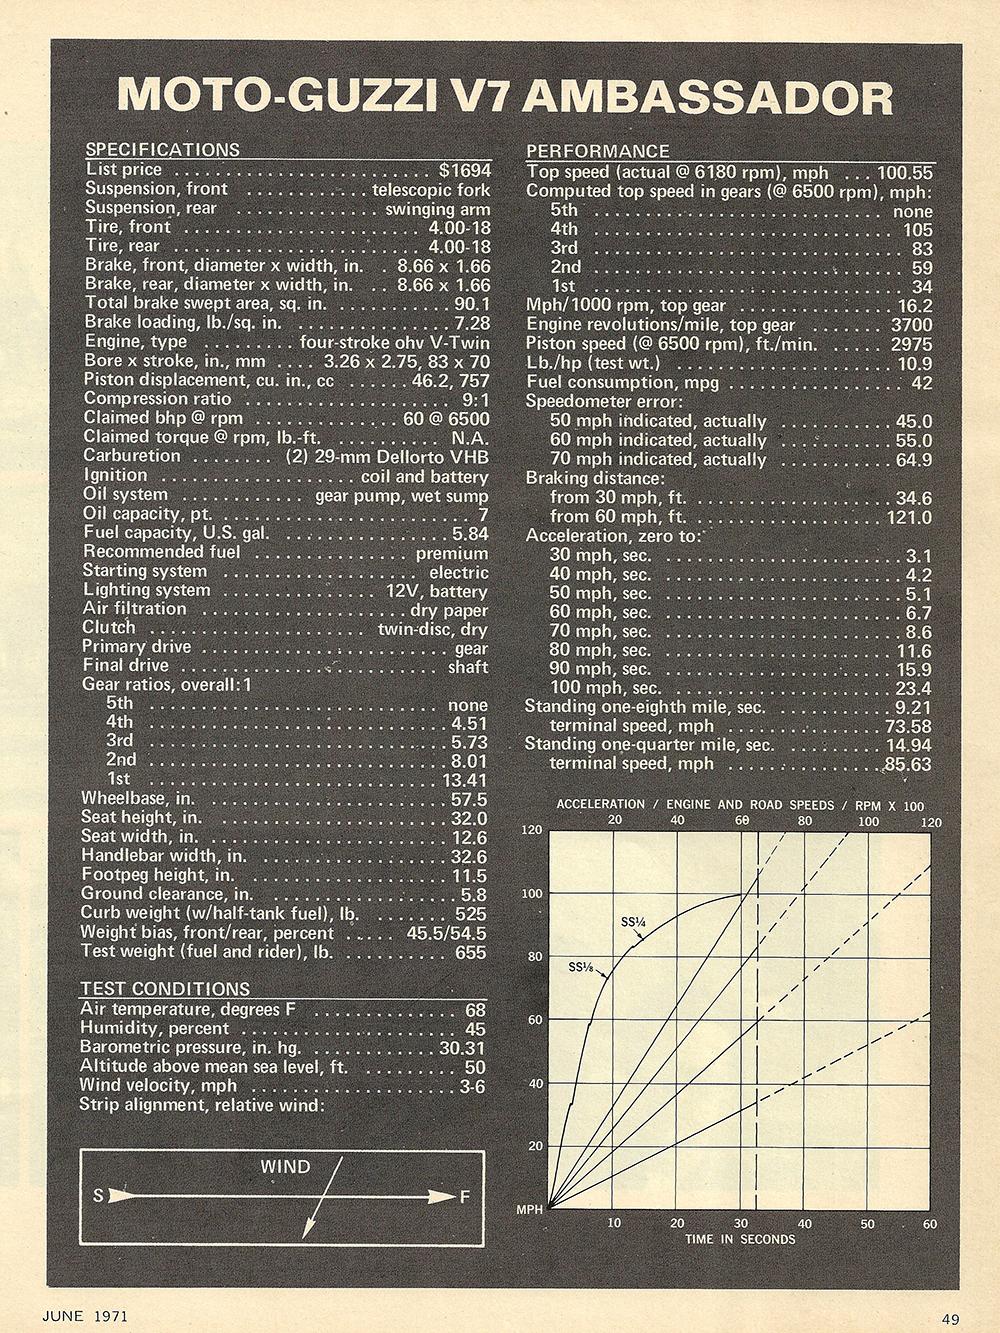 1971 Moto Guzzi V7 Ambassador road test 04.jpg